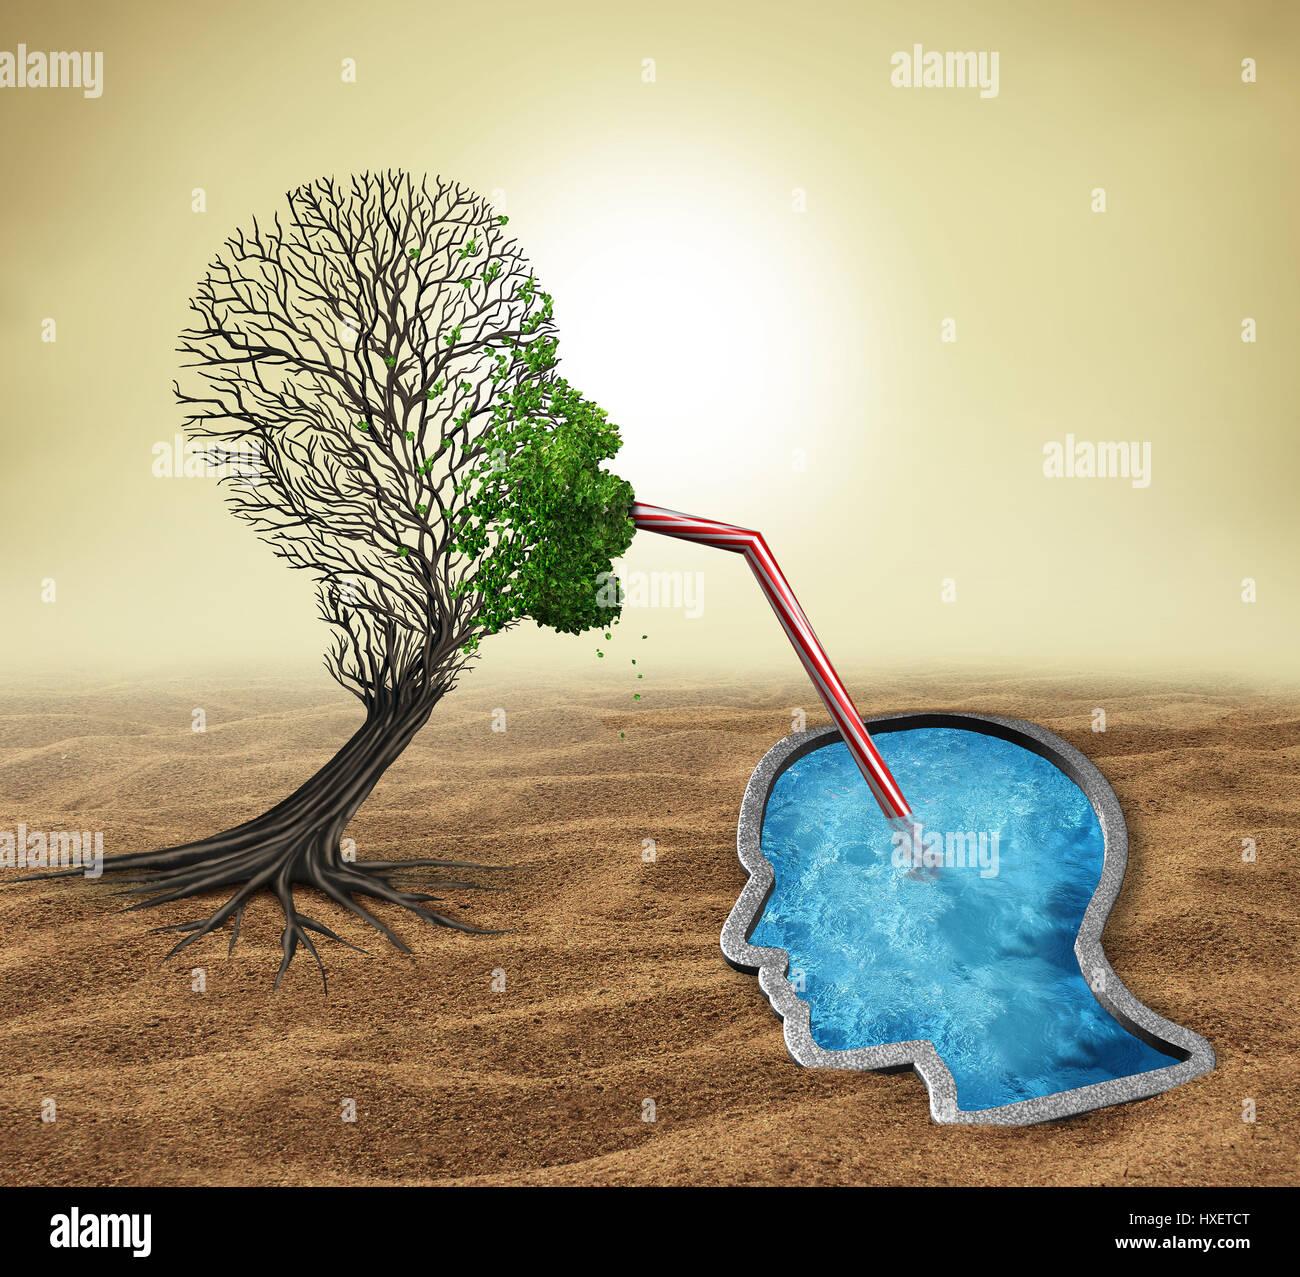 Psychologie und mentale Gesundheit Unterstützung als einen kranken Baum geformt wie ein menschlicher Kopf Trinkwasser Stockbild